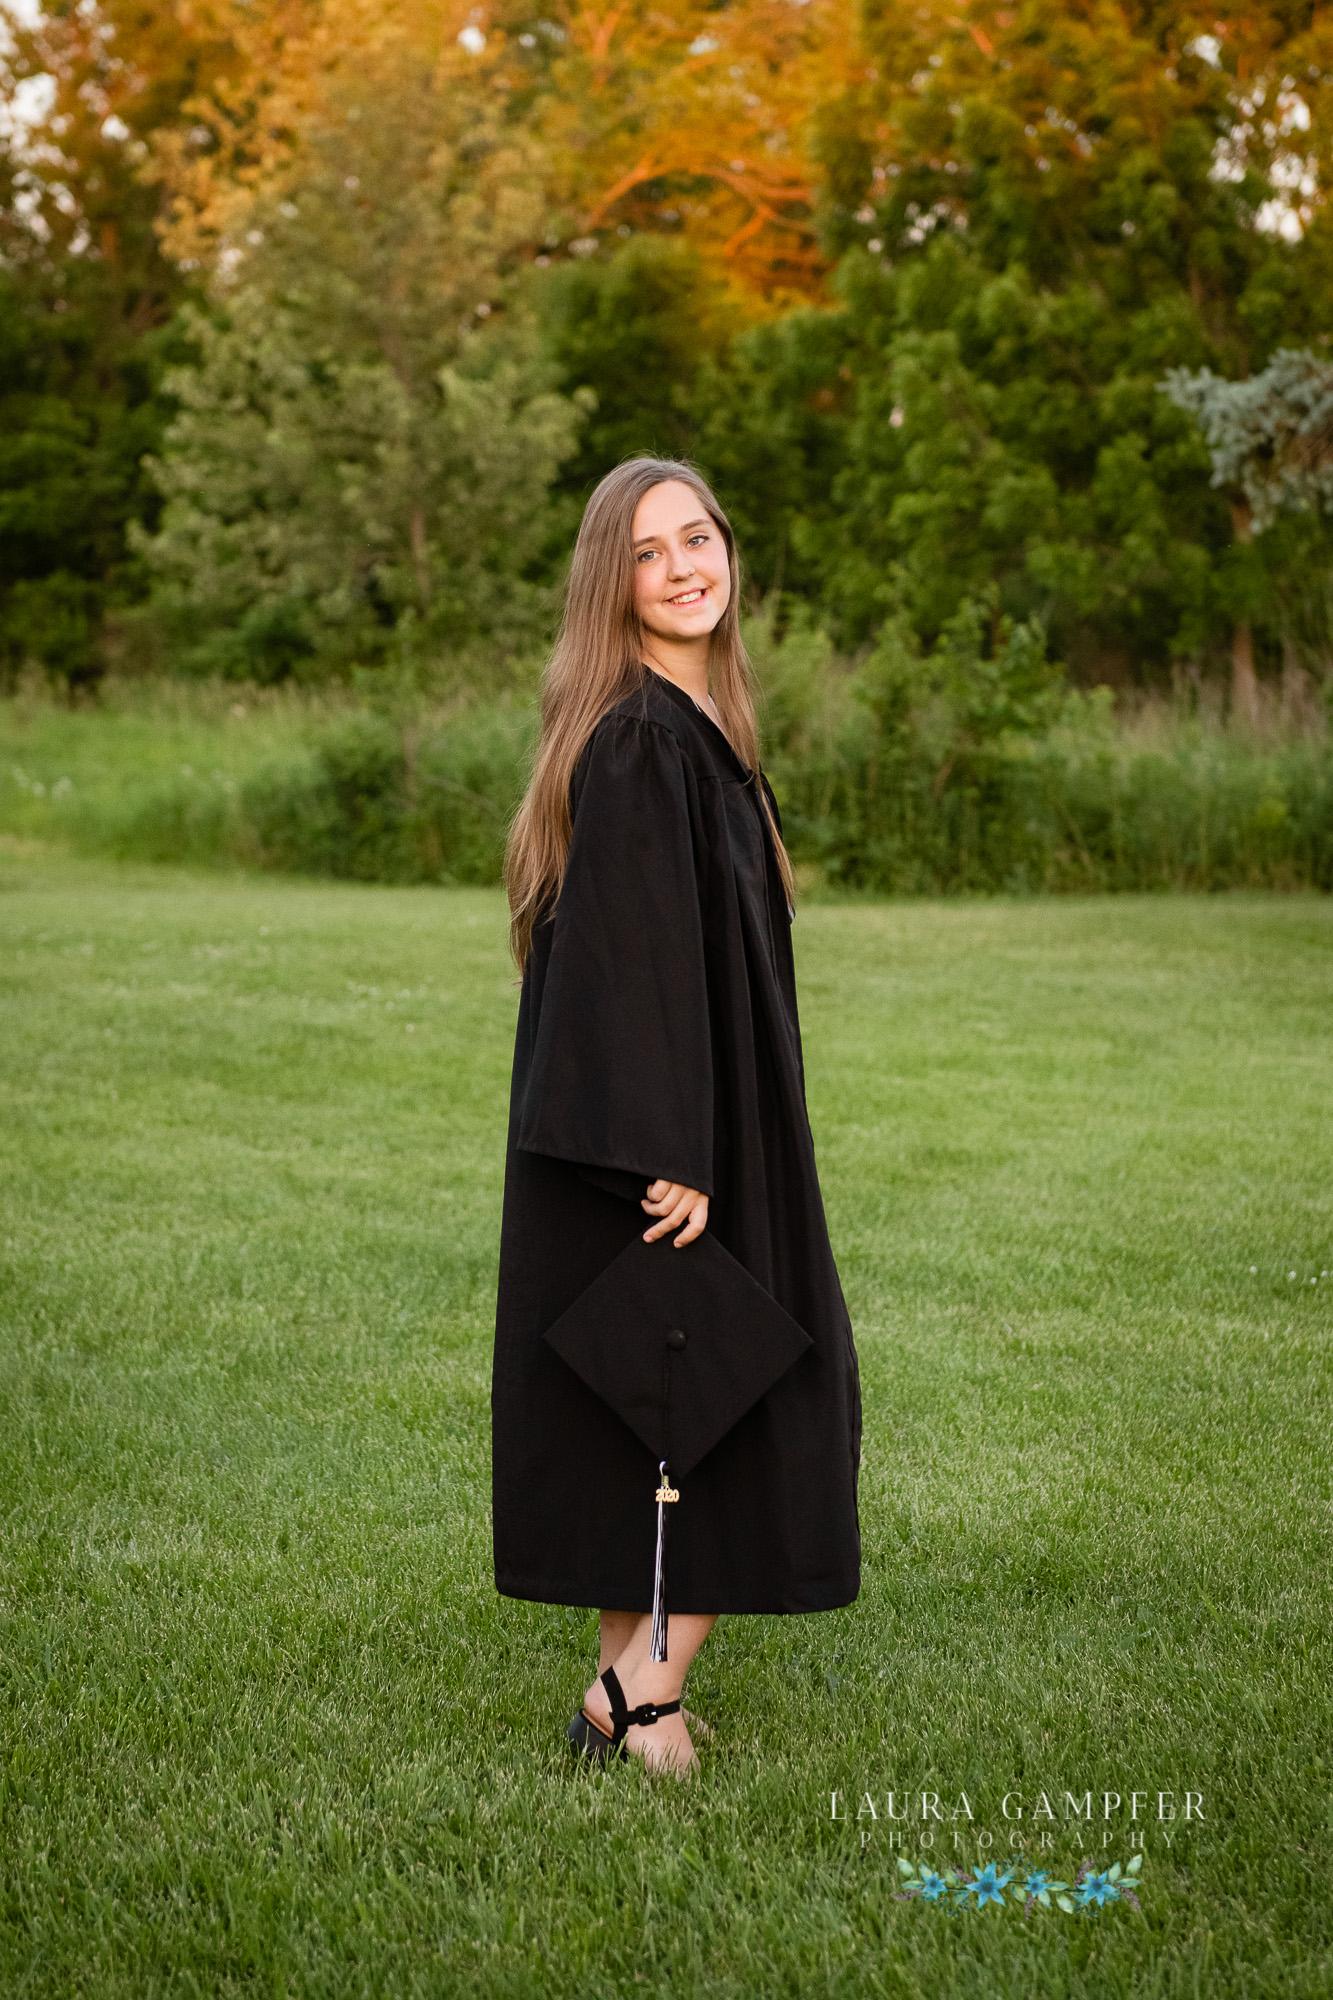 northern Illinois graduation photographer